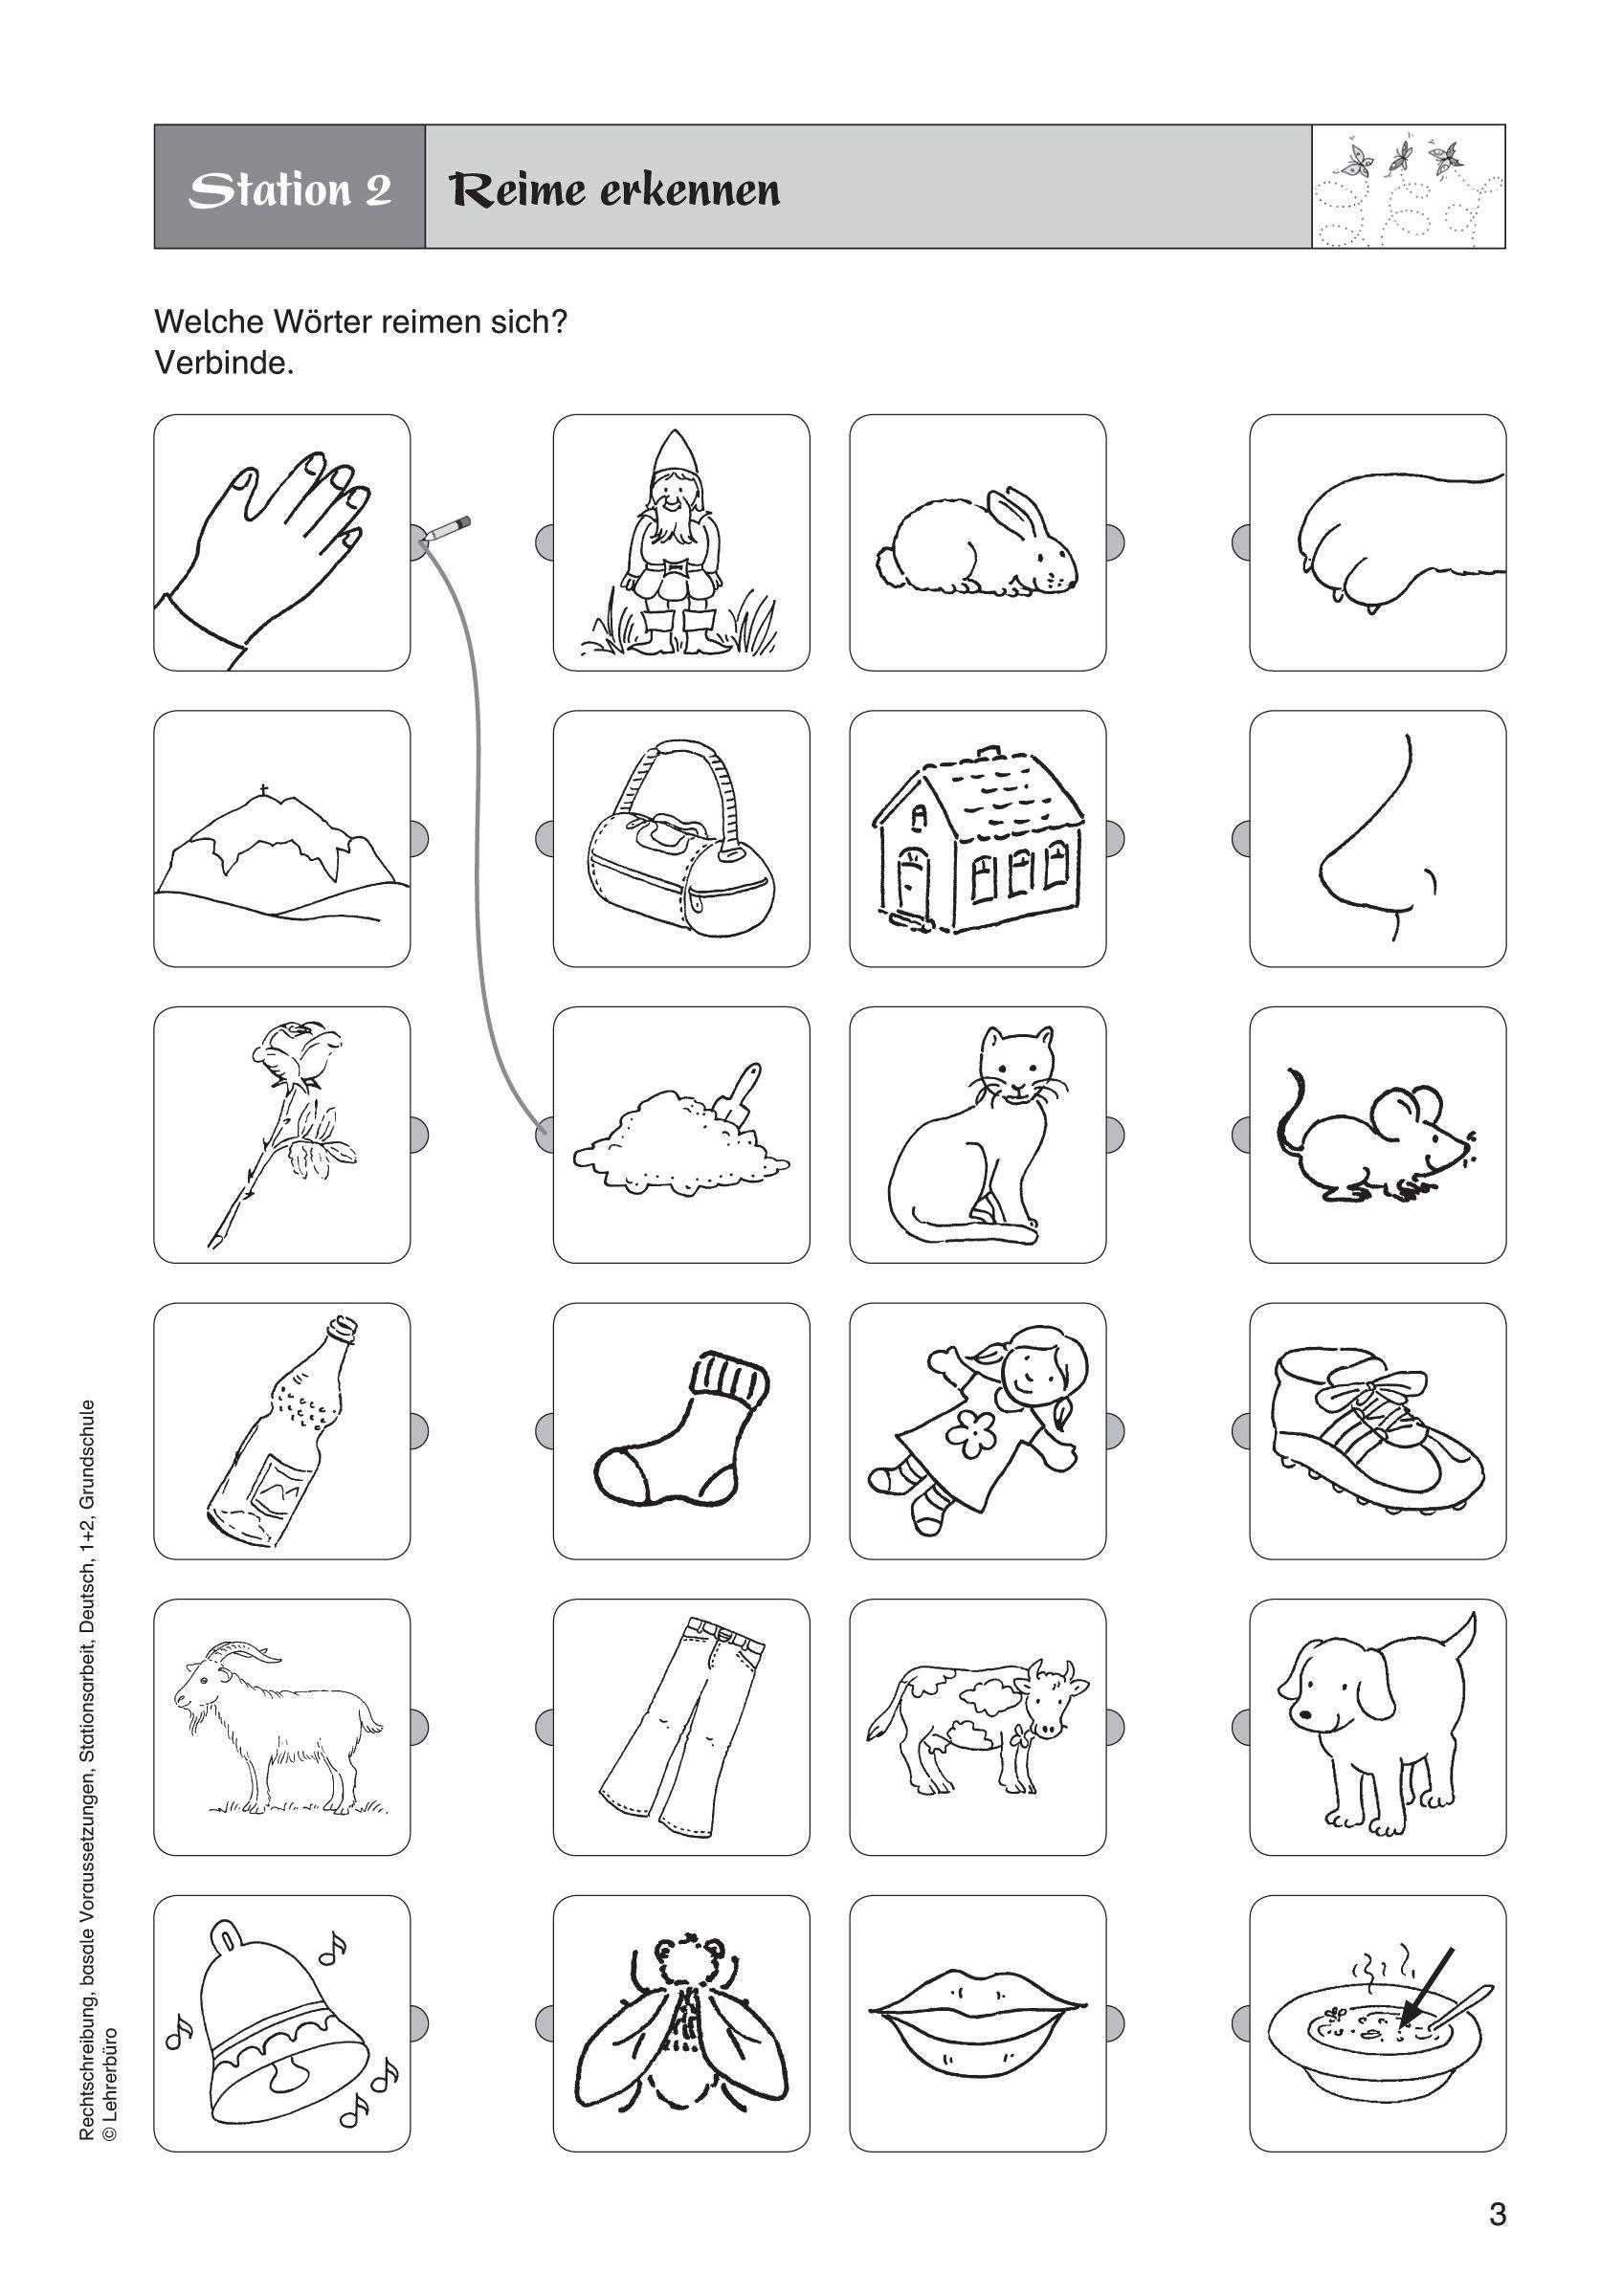 Arbeitsblätter Grundschule 1 Klasse Ausdrucken 1 Klasse verwandt mit Arbeitsblätter Grundschule Kostenlos Zum Ausdrucken